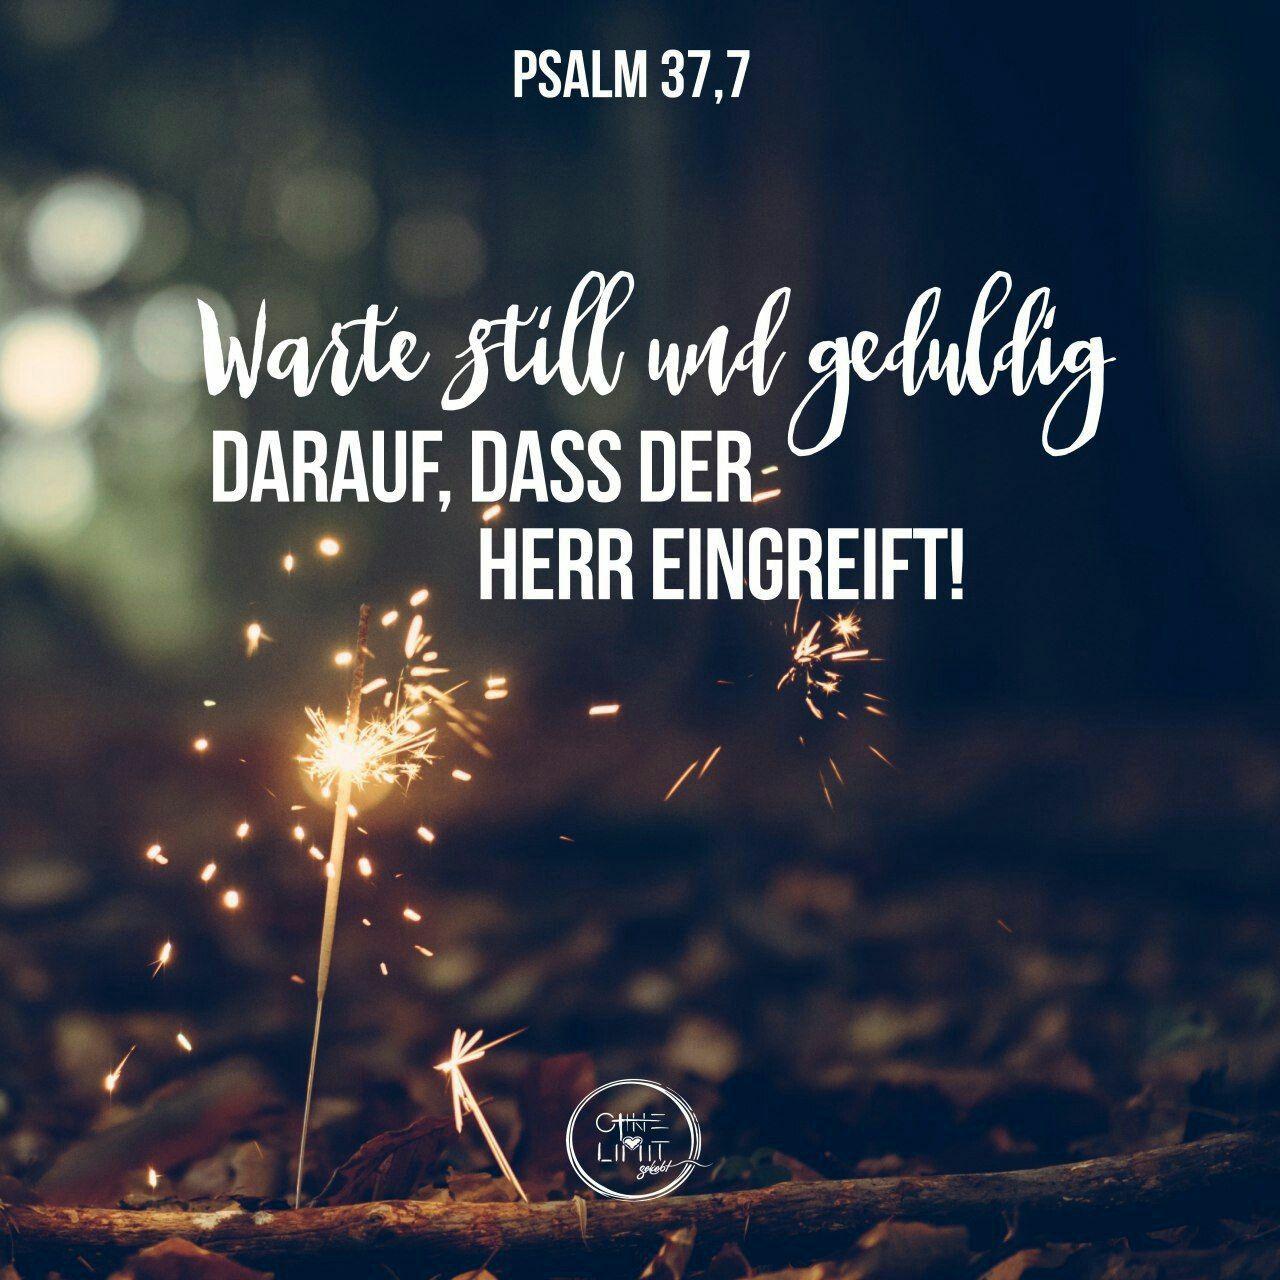 Pin von aganetha thielmann auf christliche zitate verse - Christliche zitate ...